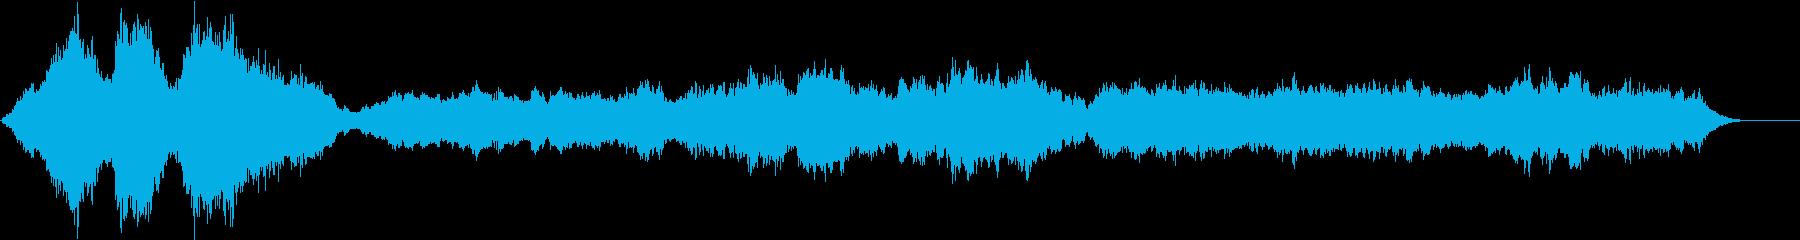 愛溢れるロマンチックBGM ラフマニノフの再生済みの波形